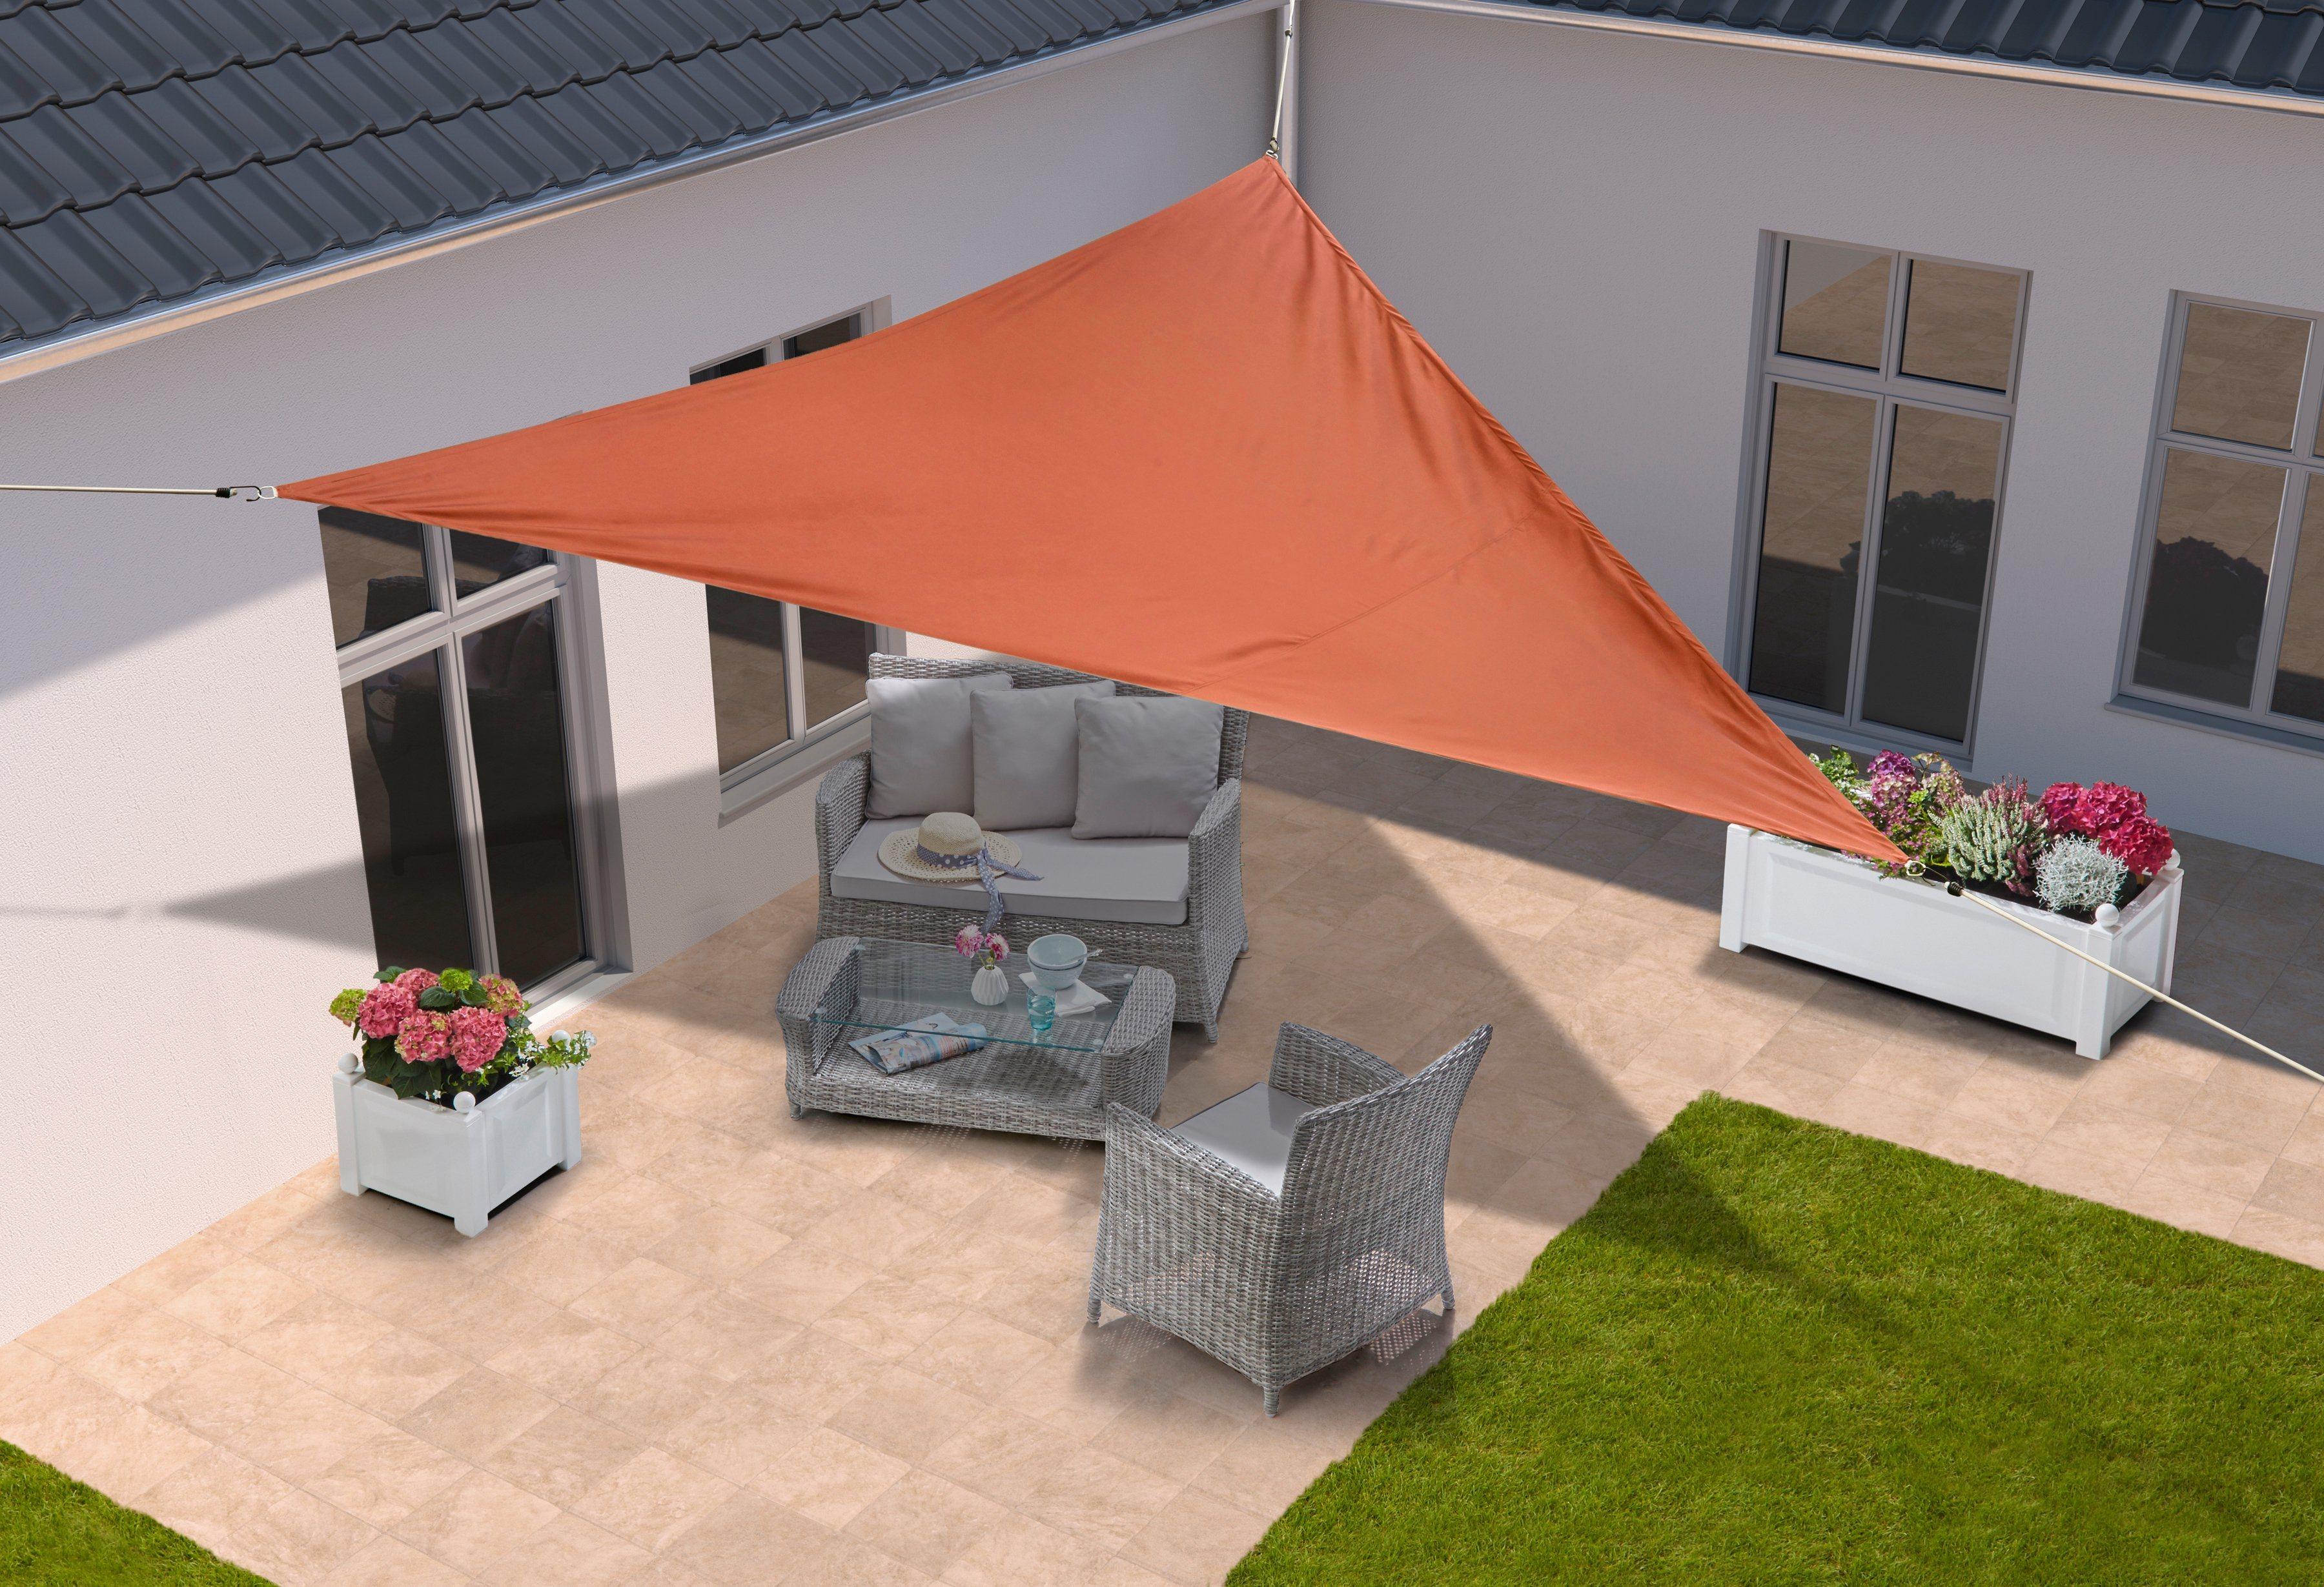 KONIFERA Sonnensegel »Dreieck«, 360x360x360 cm, in 4 Farben | Garten > Sonnenschirme und Markisen > Sonnensegel | Polyester | KONIFERA